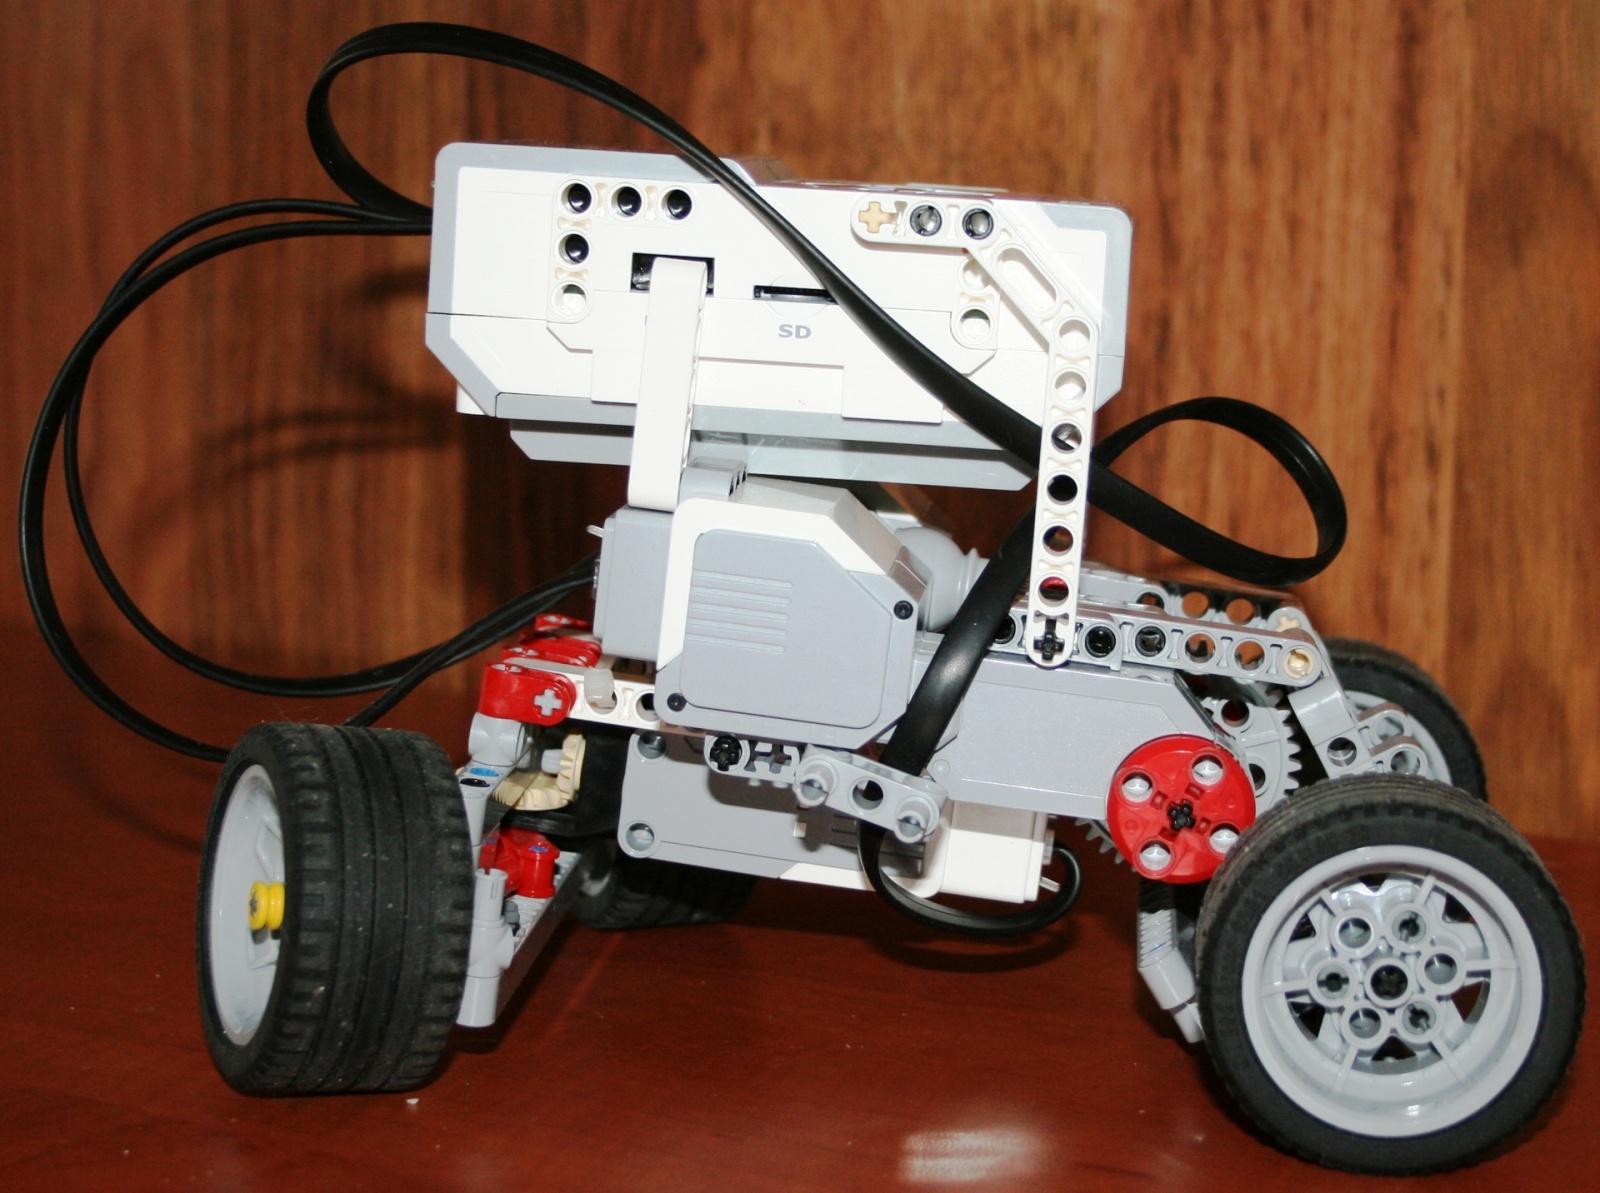 Взаимодействие с роботом на базе конструктора Lego Mindstorms EV3 через RCML - 5